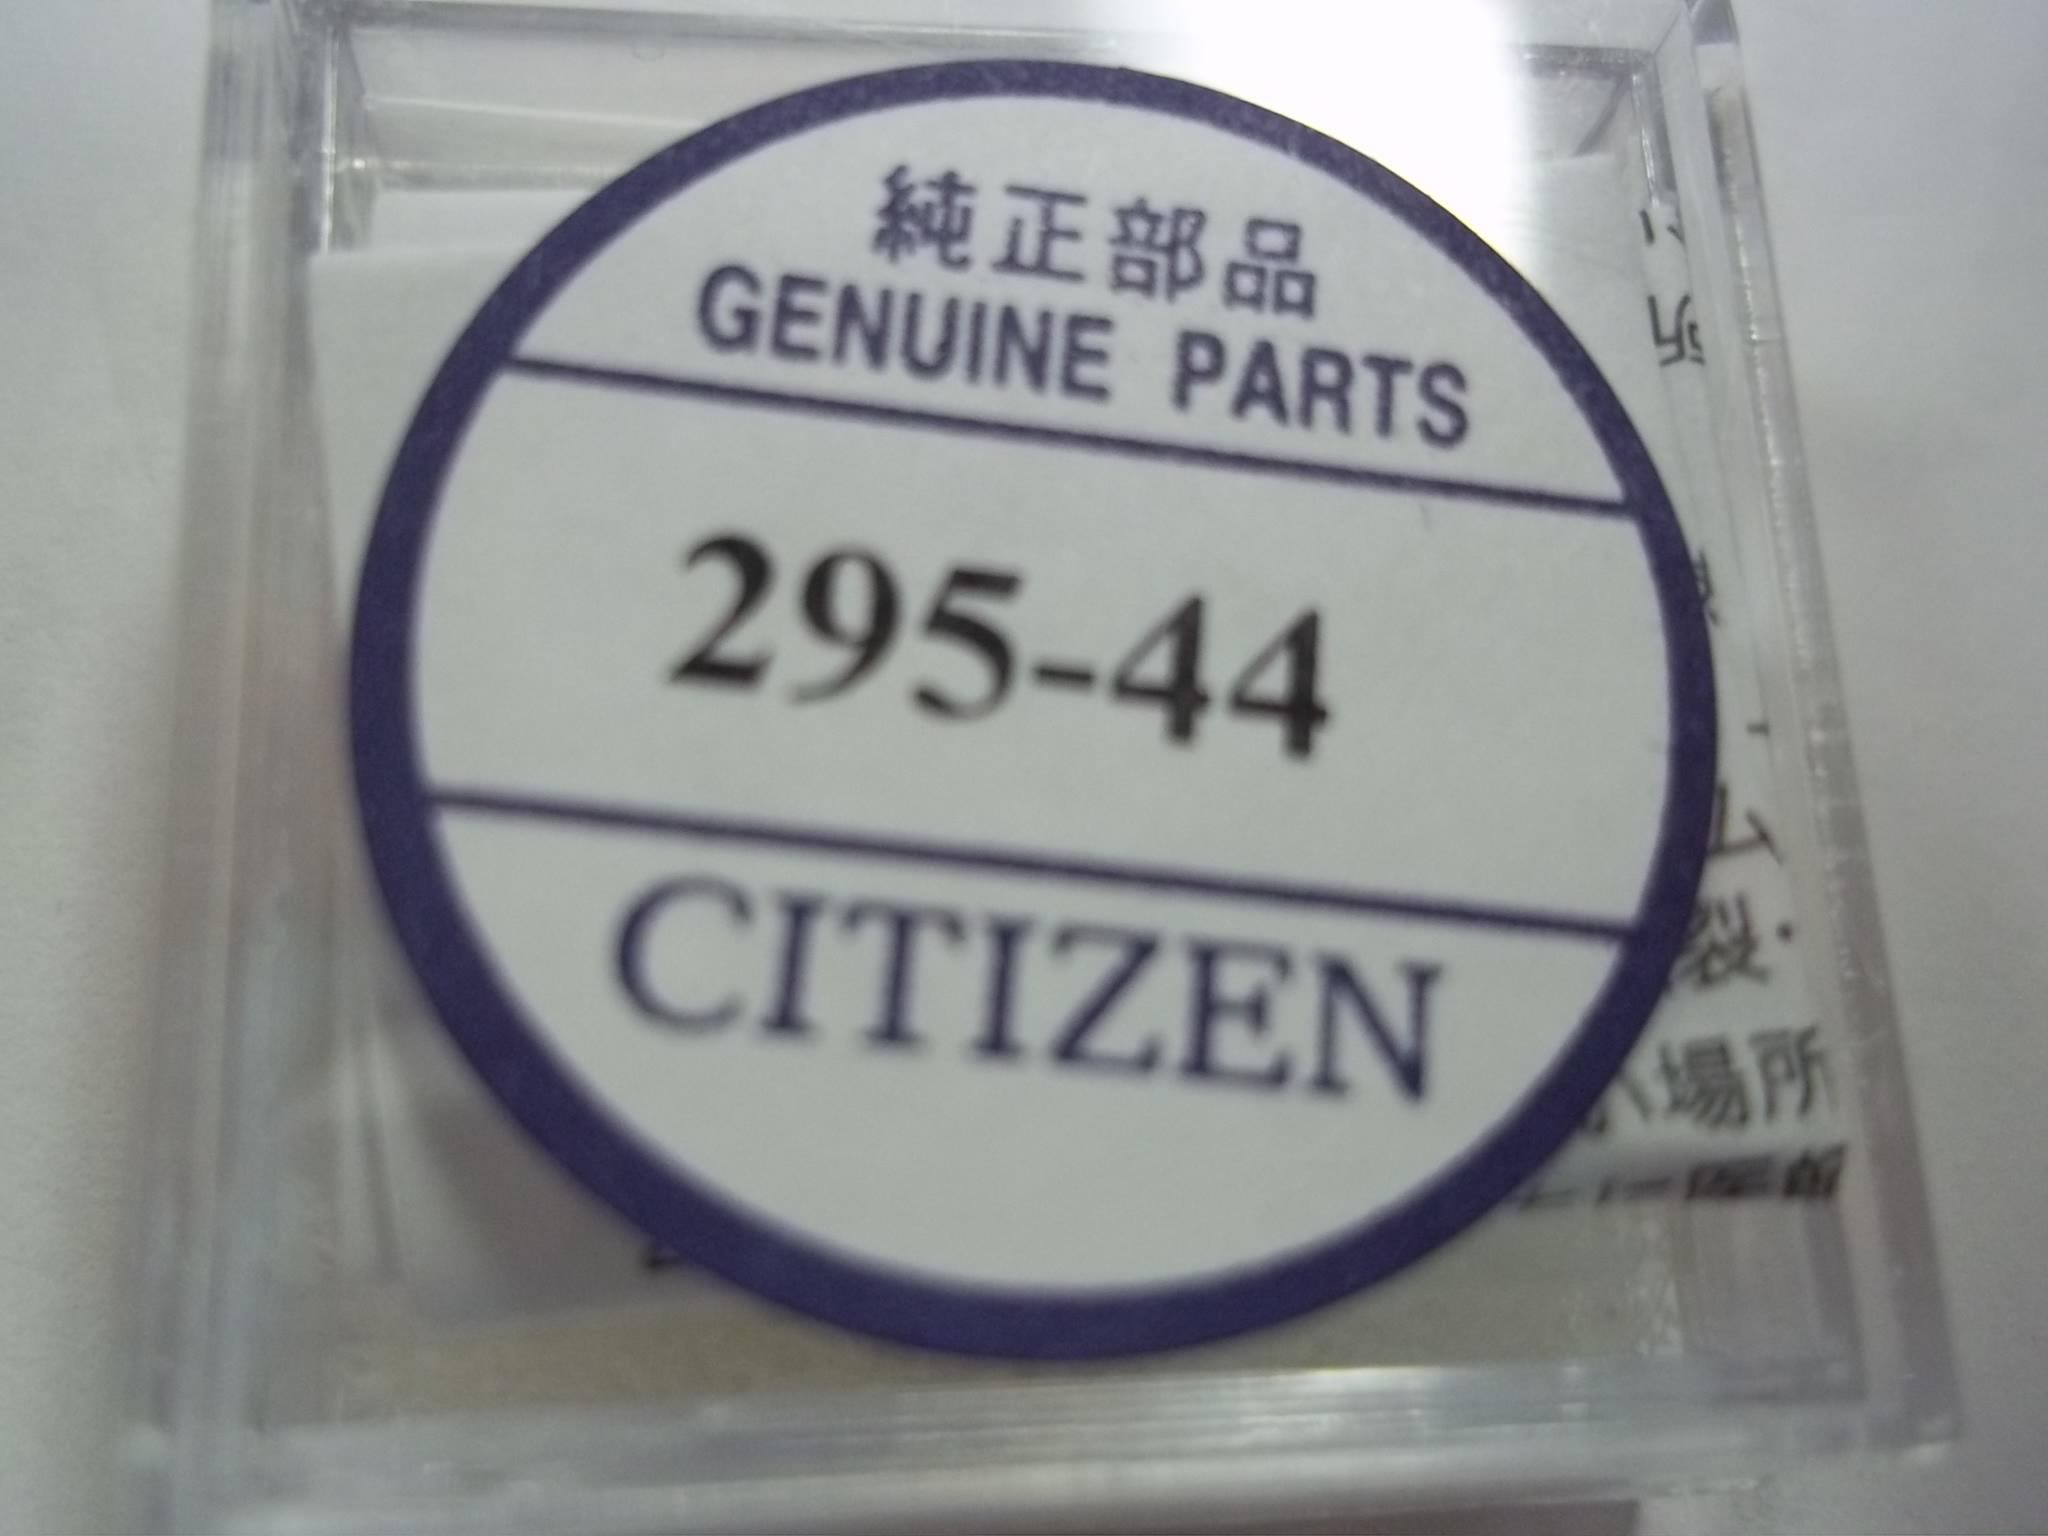 295-44 Citizen Capacitor